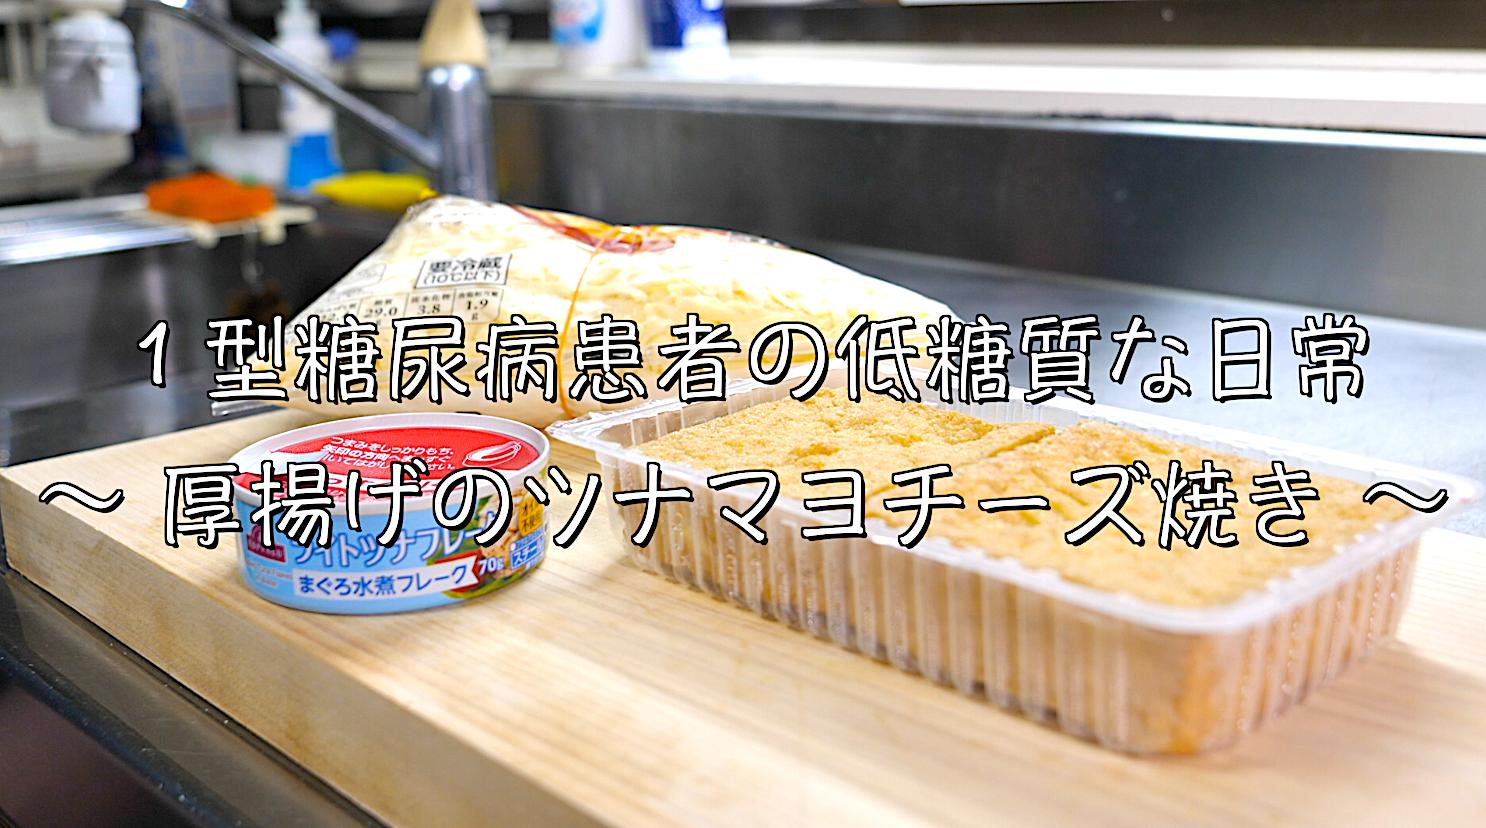 厚揚げ ツナ缶 レシピ おつまみ